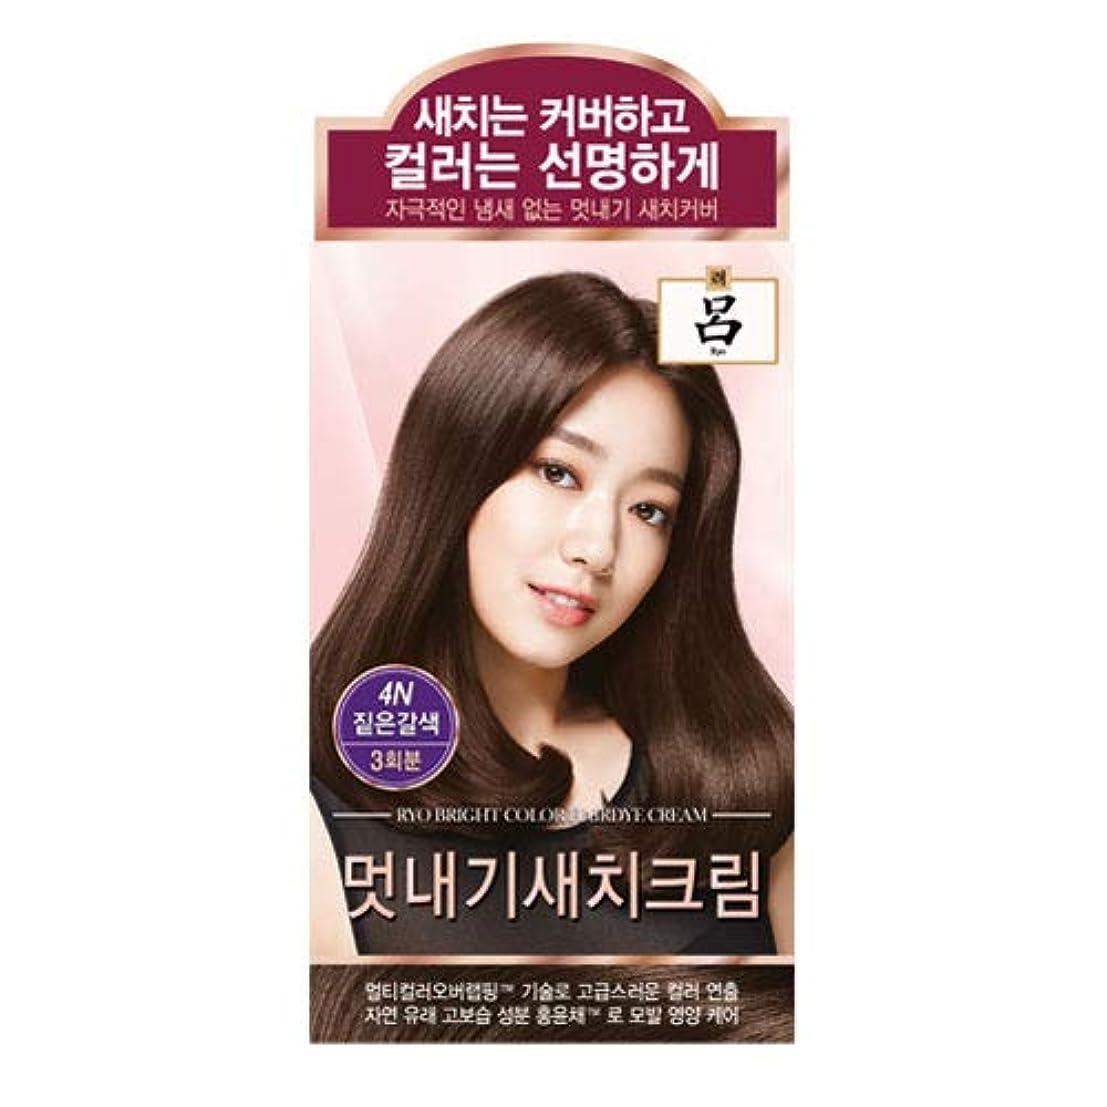 平野スライムカイウスアモーレパシフィック呂[AMOREPACIFIC/Ryo] ブライトカラーヘアアイクリーム 4N ディープブラウン/Bright Color Hairdye Cream 4N Deep Brown